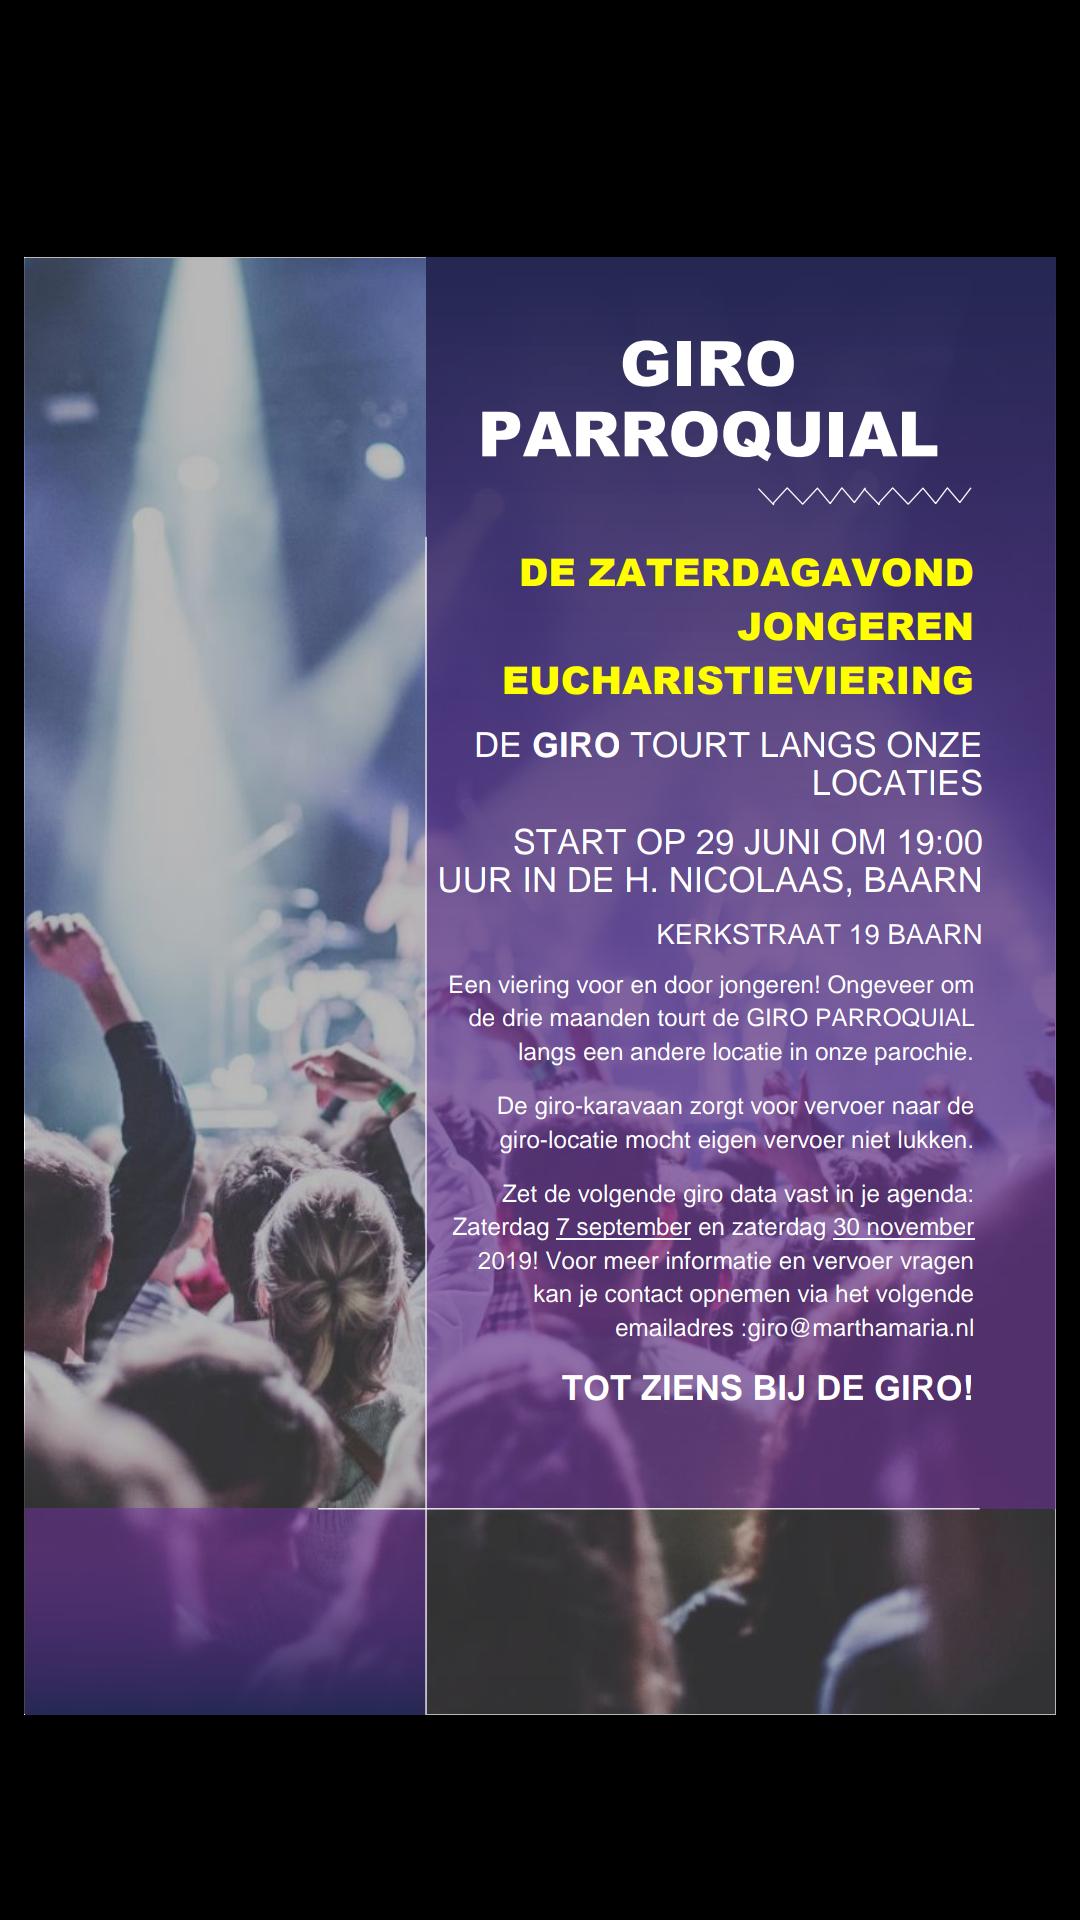 Uitnodiging voor tiener- en jongerenviering Giro Parroquial.